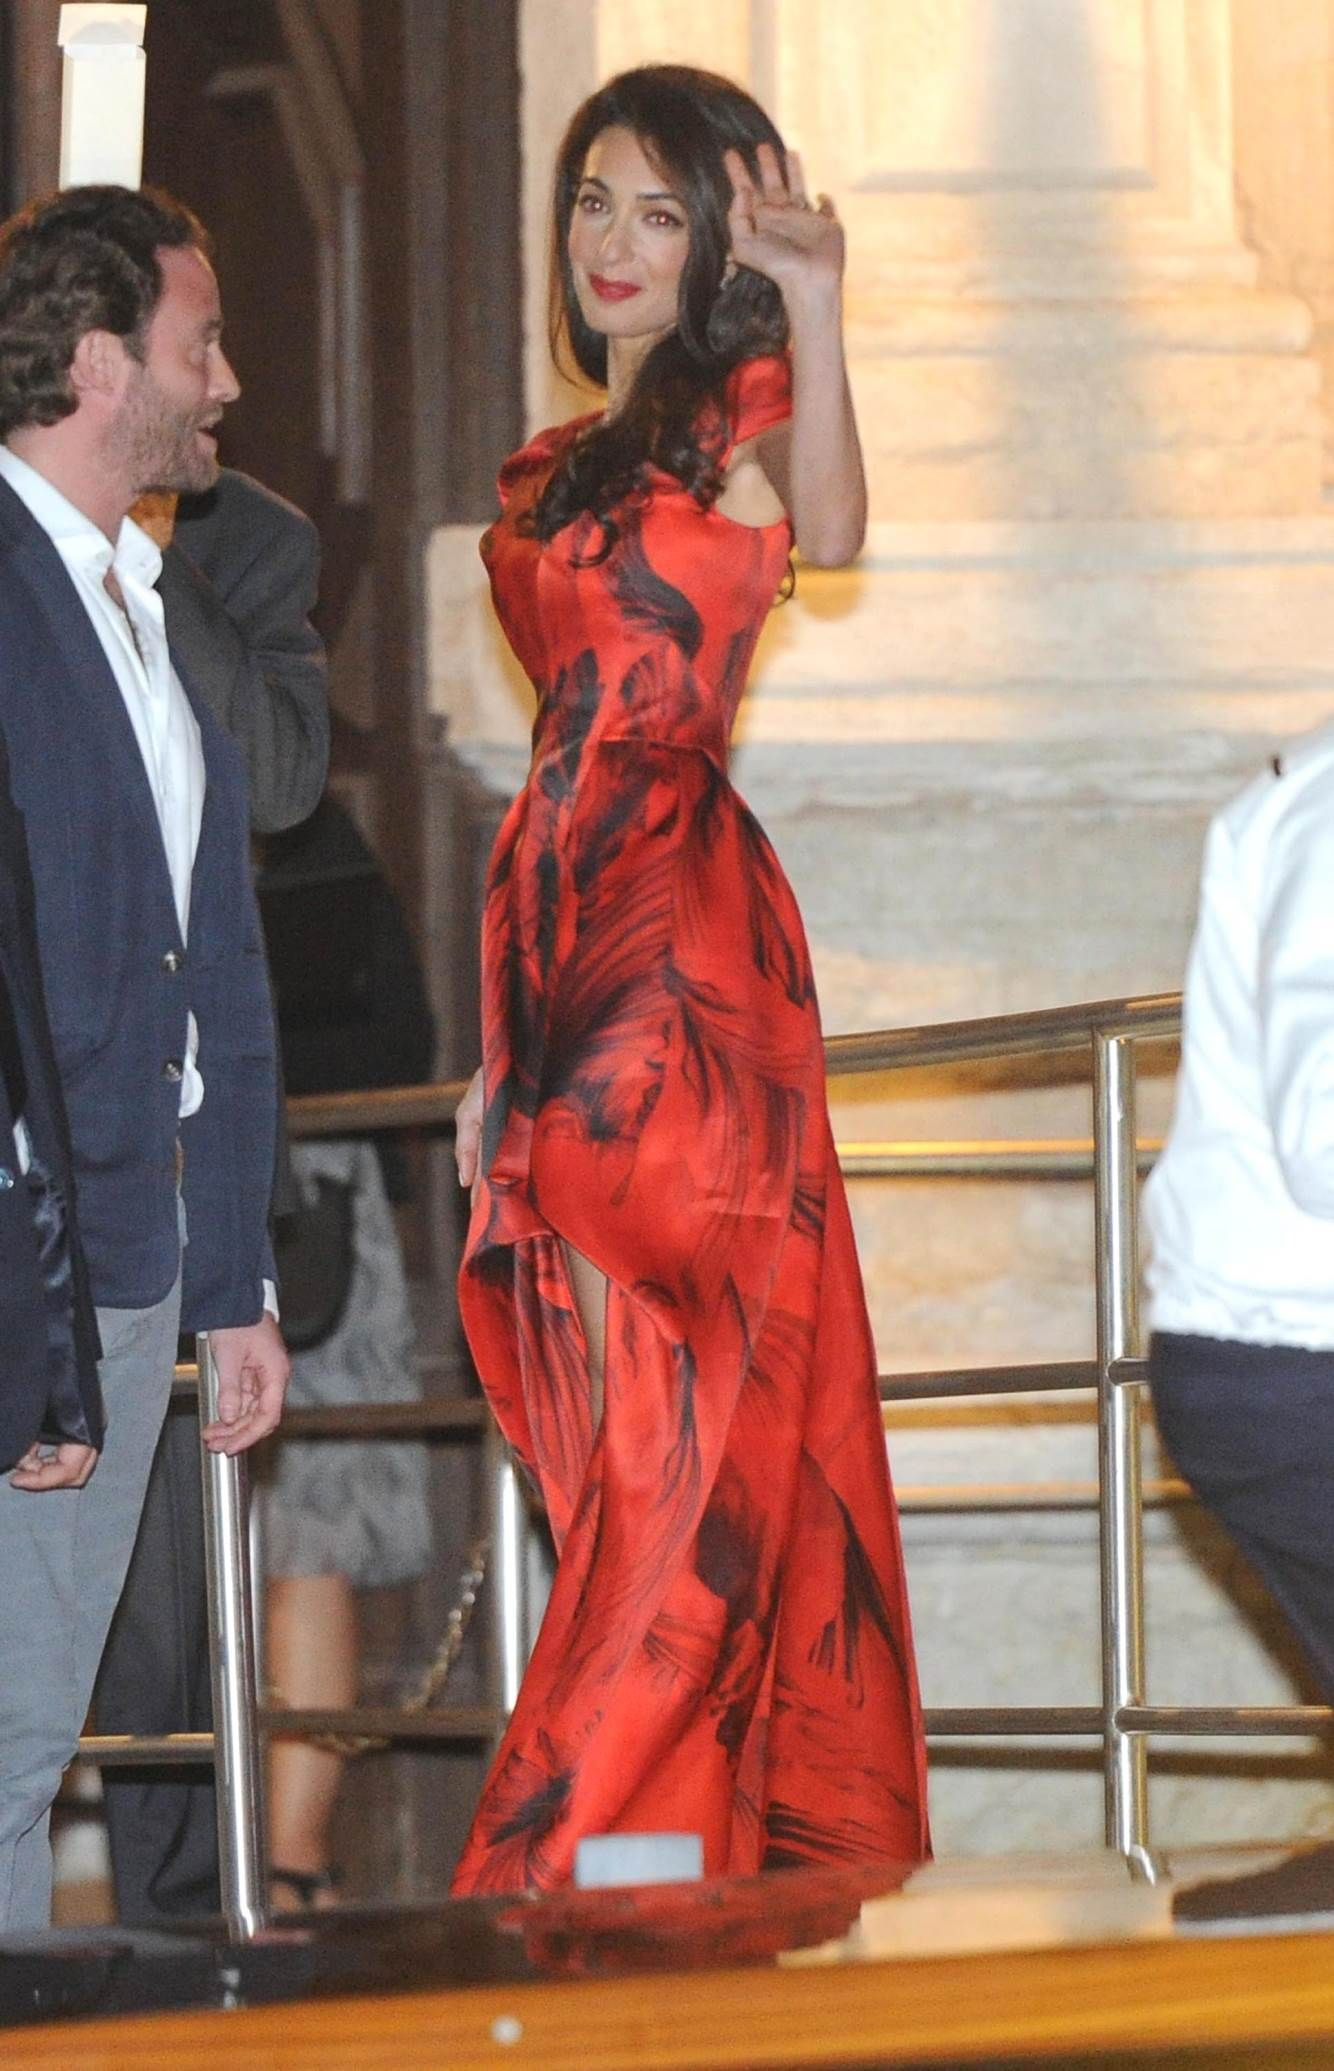 George clooneyus wife amal alamuddinus sophisticated style fashion